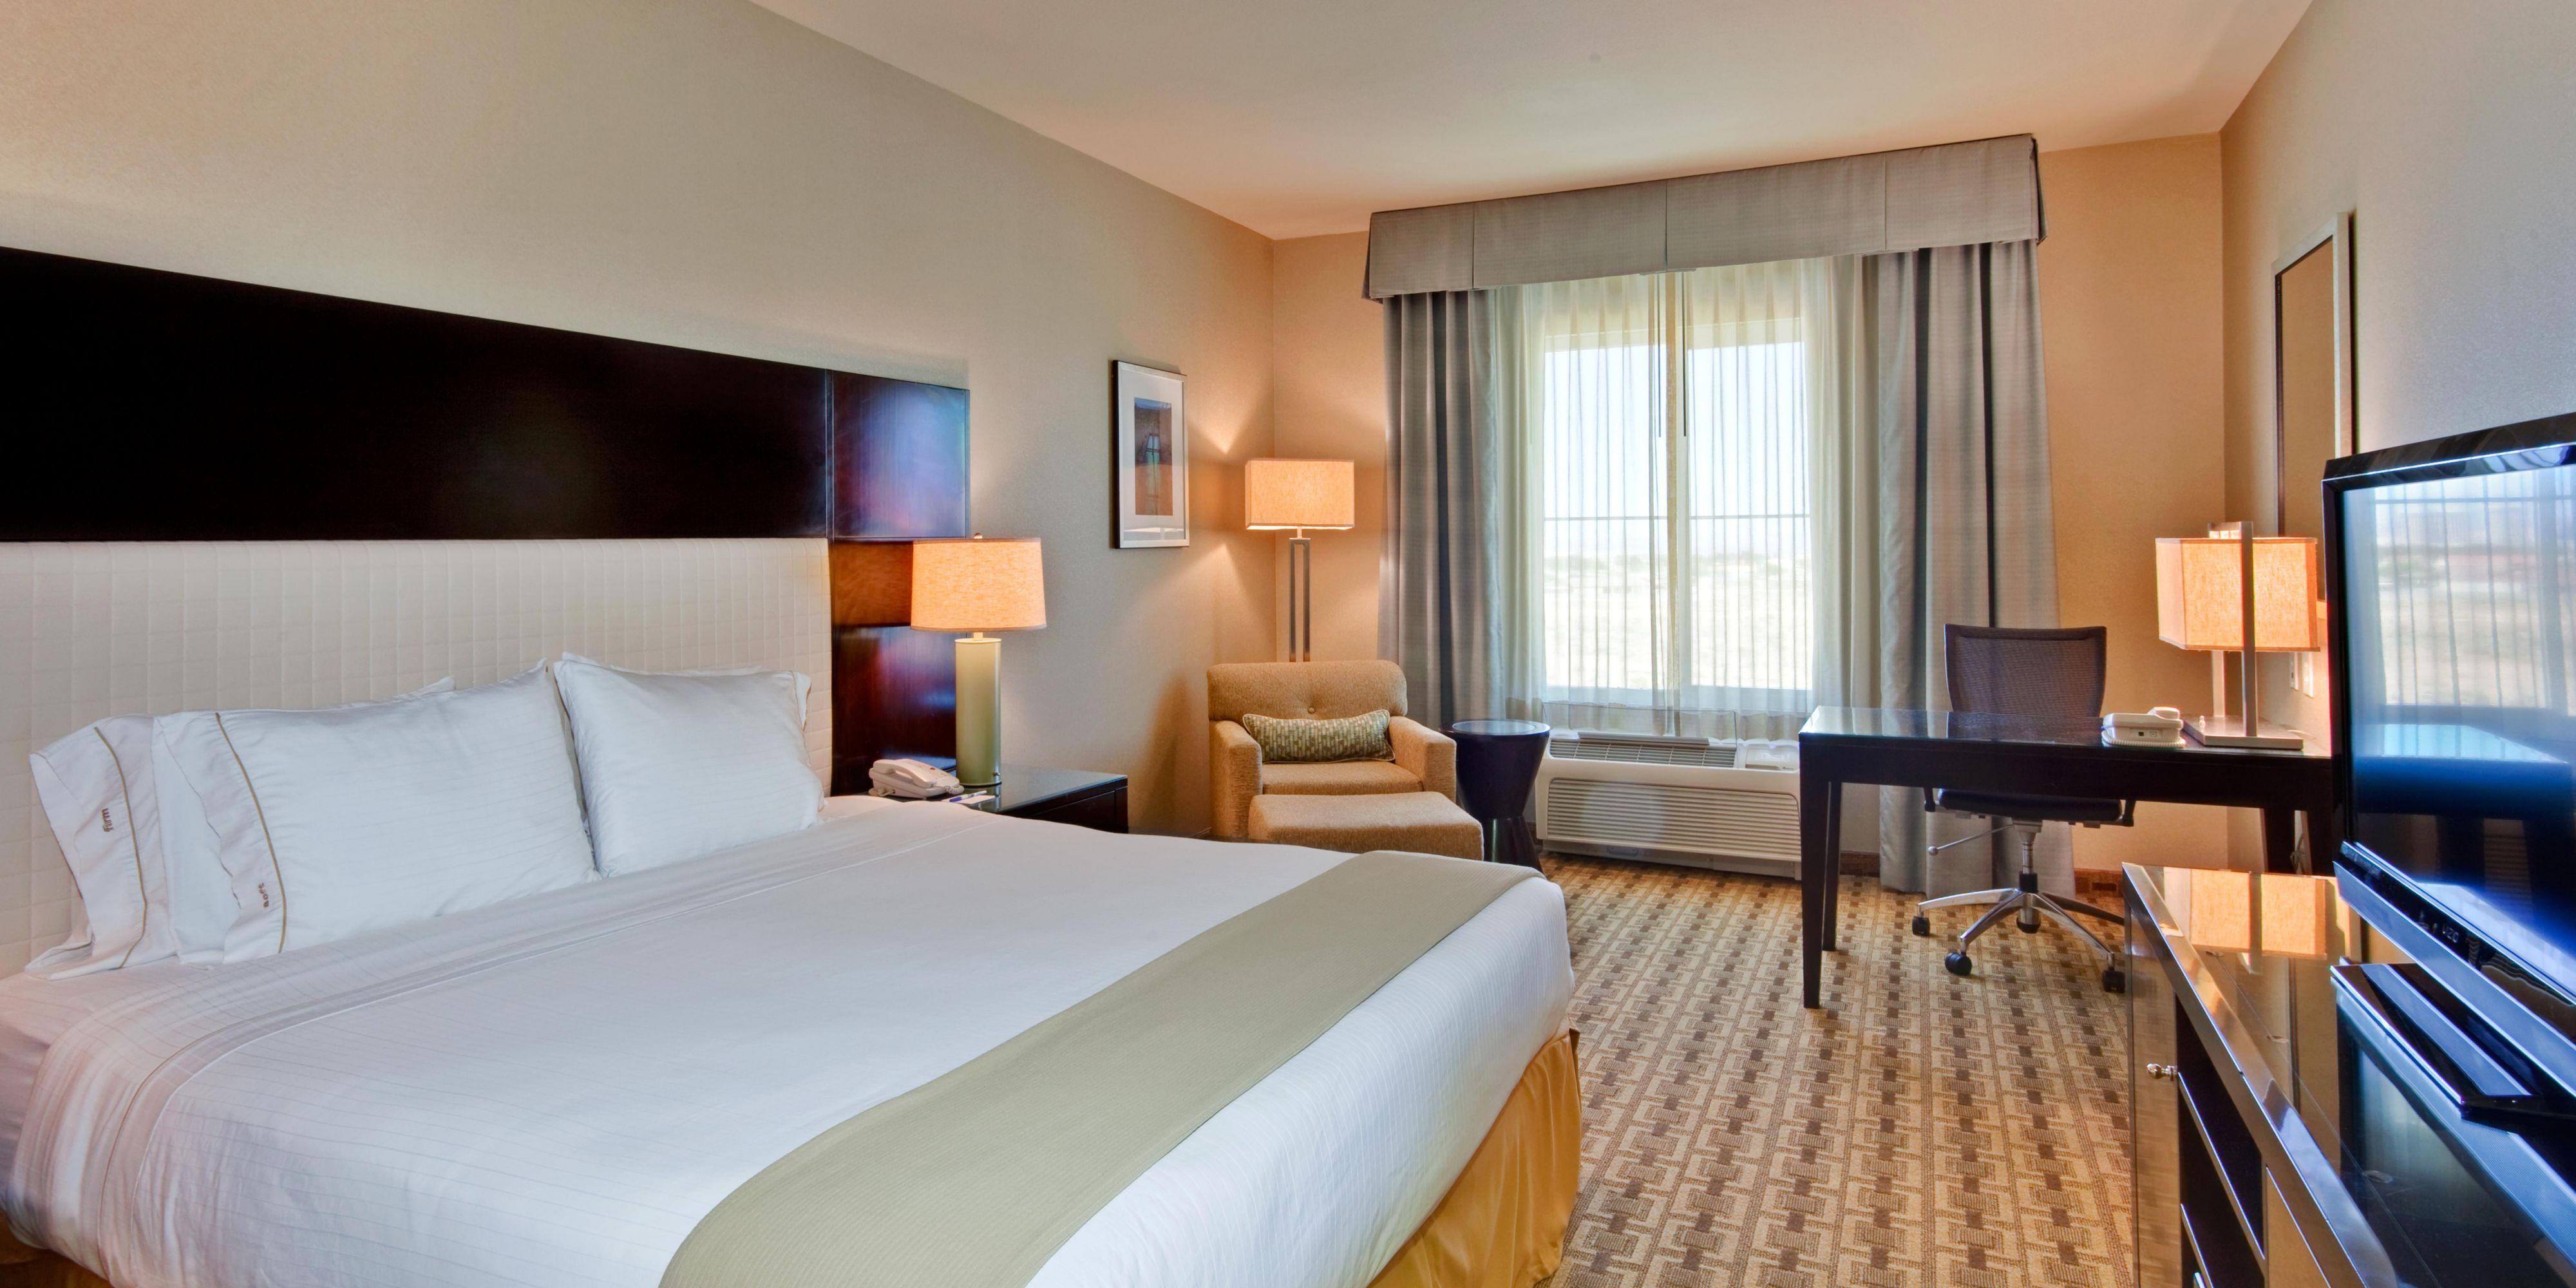 resort aria en las casino rooms hotel vegas room queen deluxe